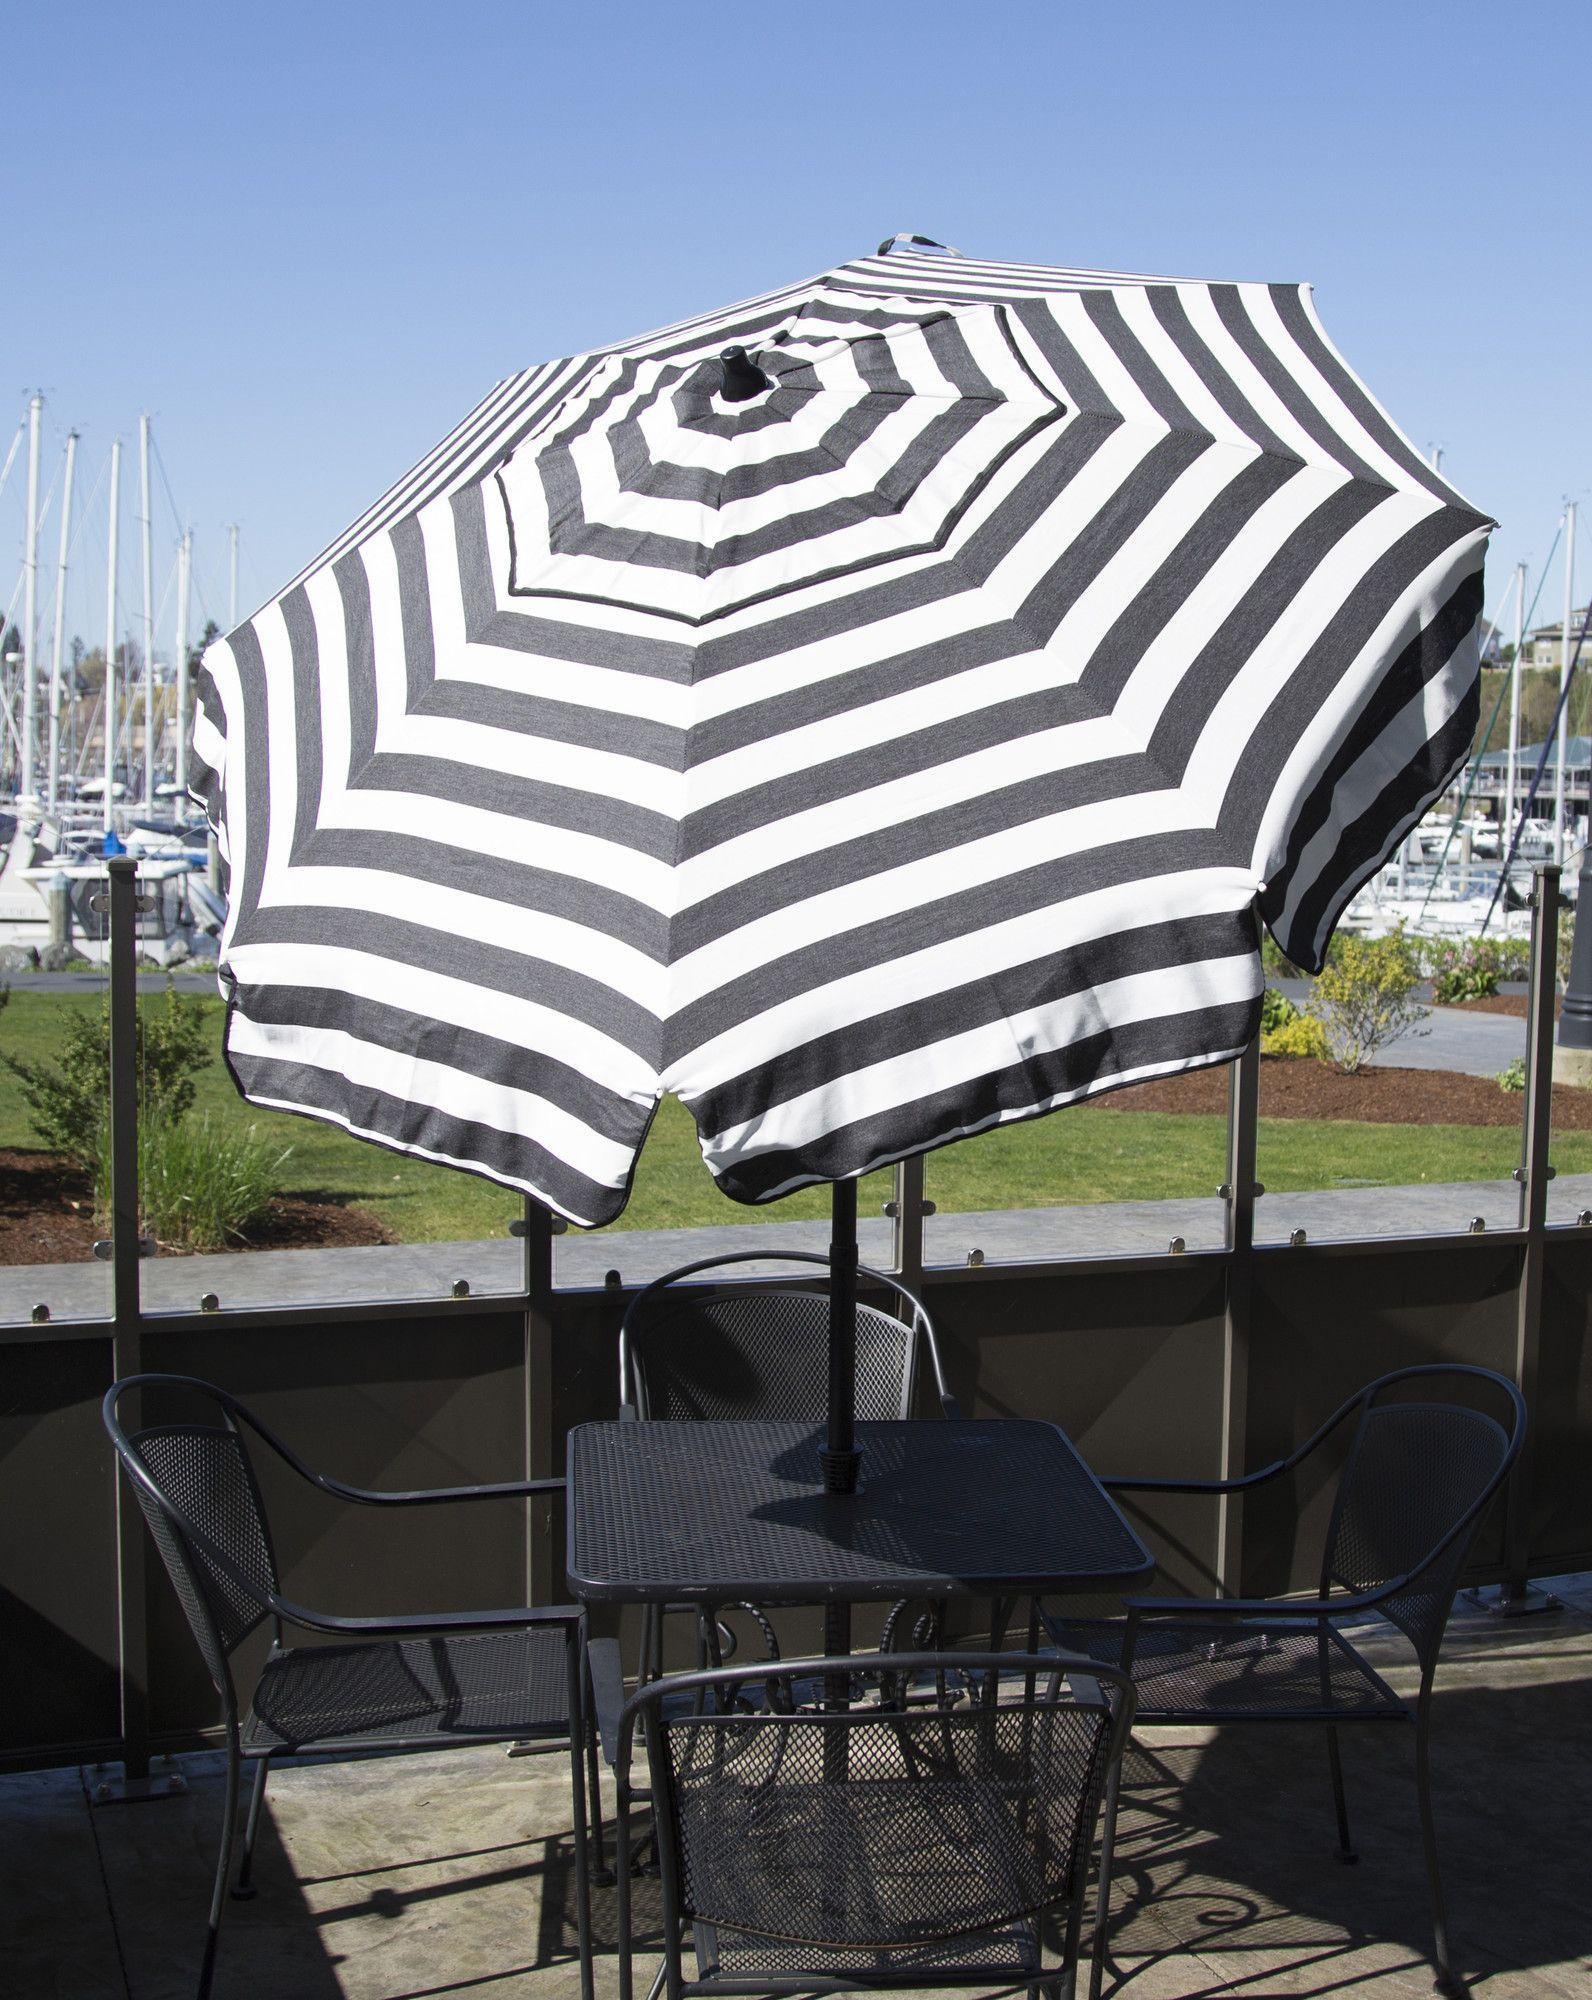 parasol ' parasol italian patio umbrella    pinterest  - parasol ' parasol italian patio umbrella